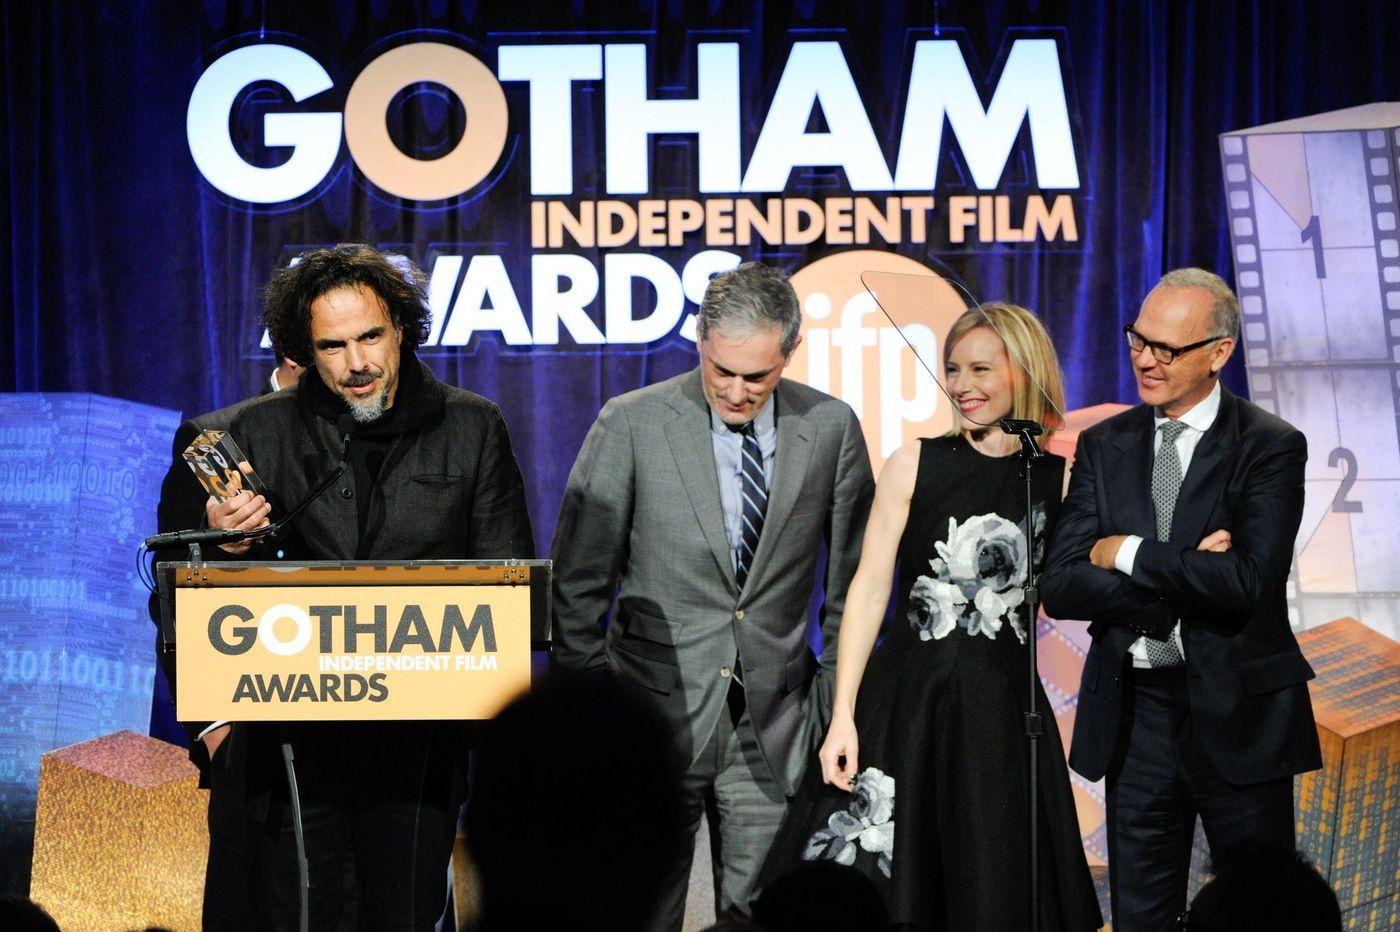 Gotham Awards: Ethan Hawke & More Win Big